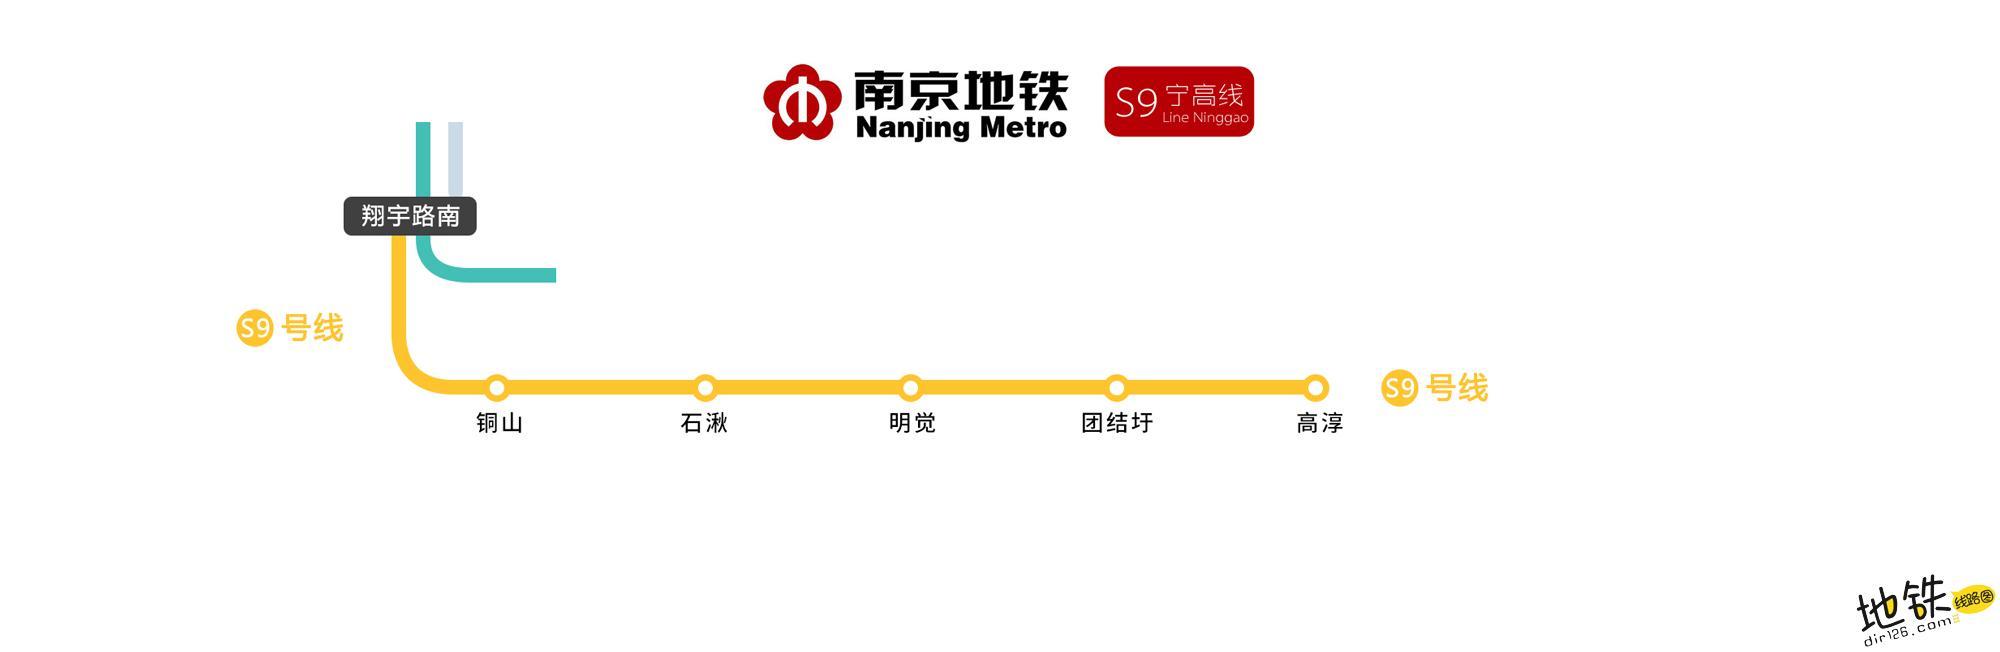 南京地铁S9宁高线线路图 运营时间票价站点 查询下载 南京地铁S9号线查询 南京地铁S9号线运营时间 南京地铁S9号线线路图 南京地铁宁高线 南京地铁S9号线 南京地铁线路图  第2张